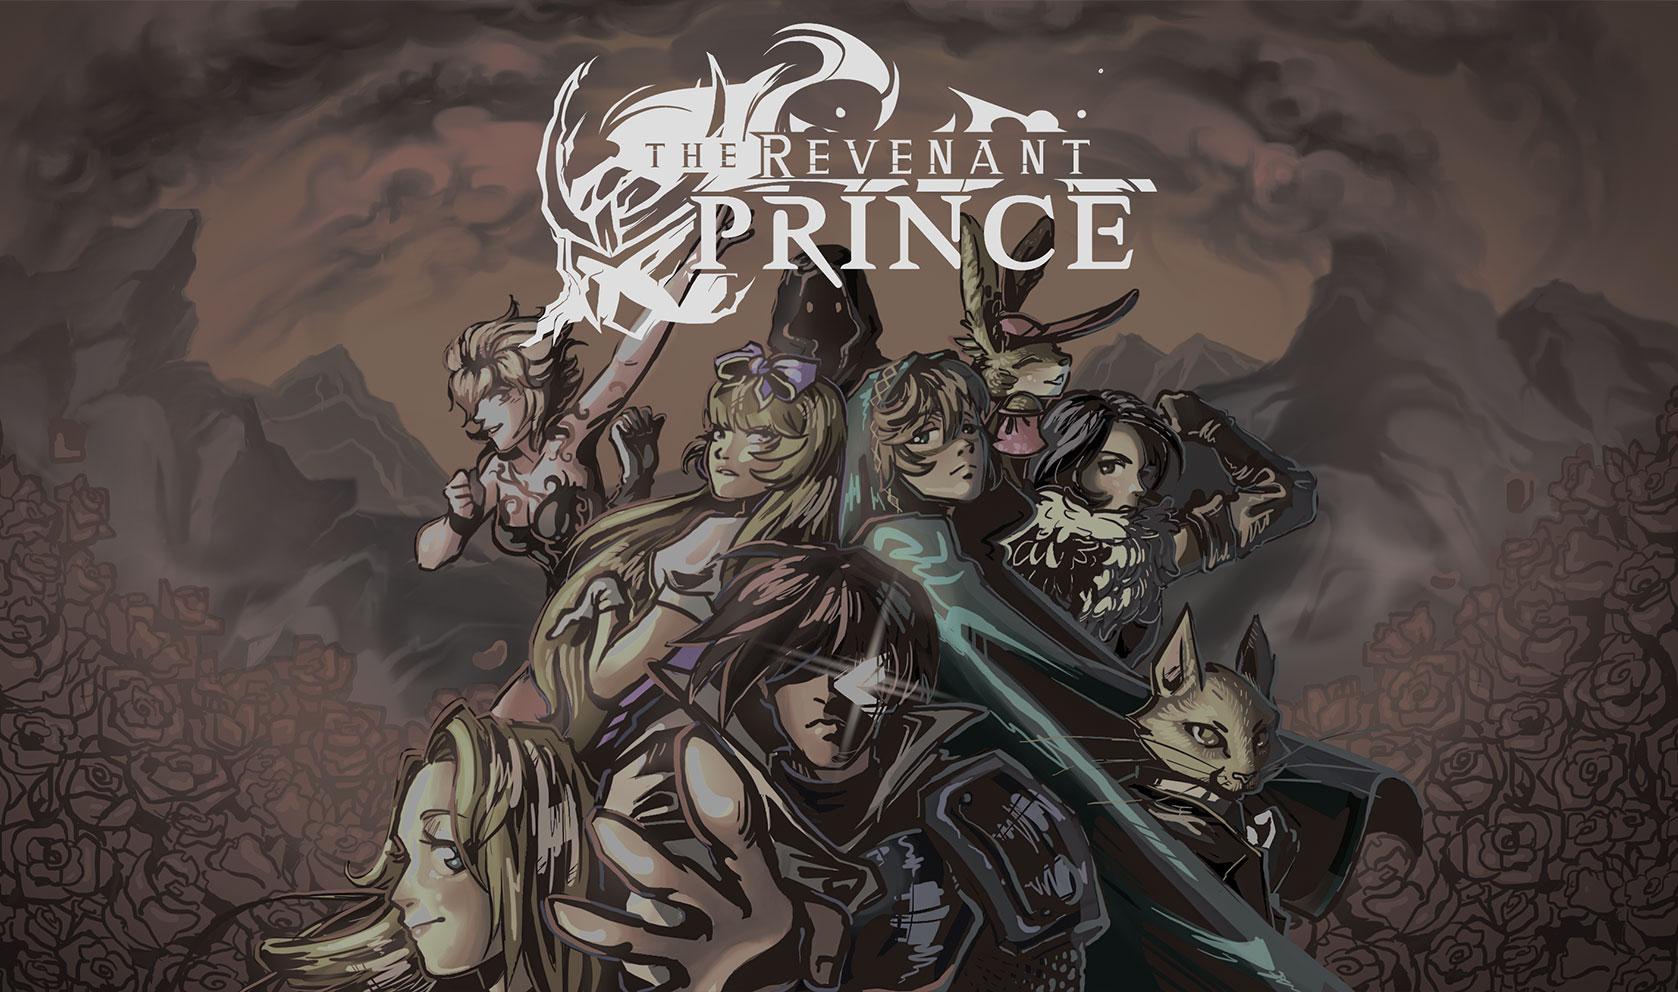 Developer Walkthrough video for old school RPG The Revenant Prince